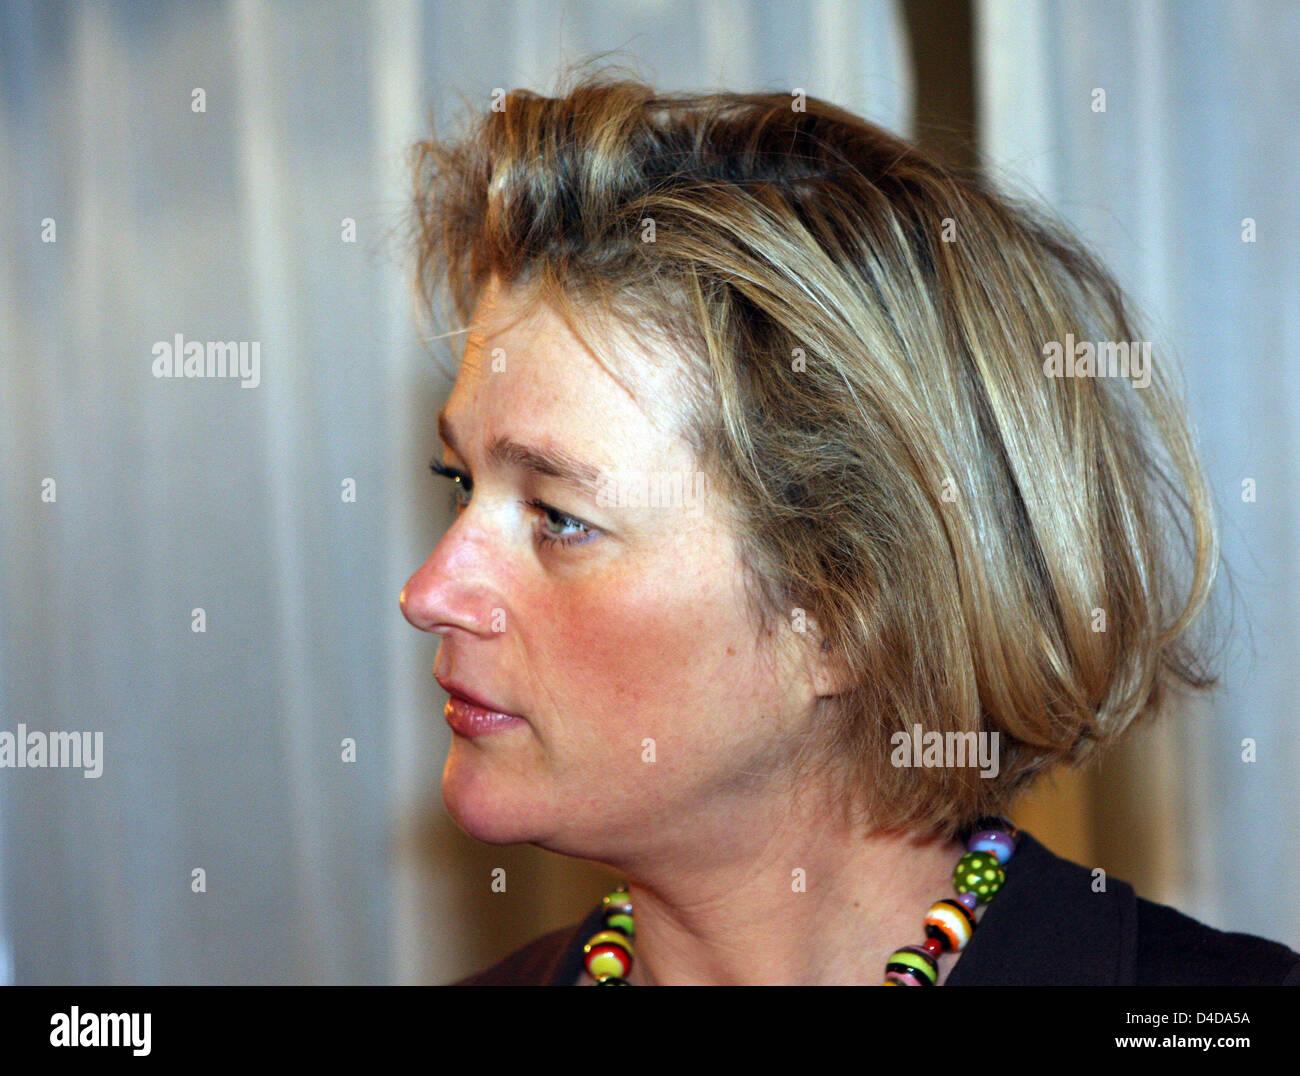 """Delphine Boel ist während der Präsentation ihres Buches """"De Navelstreng Doorknippen"""" gesehen ("""", die Nabelschnur Stockfoto"""